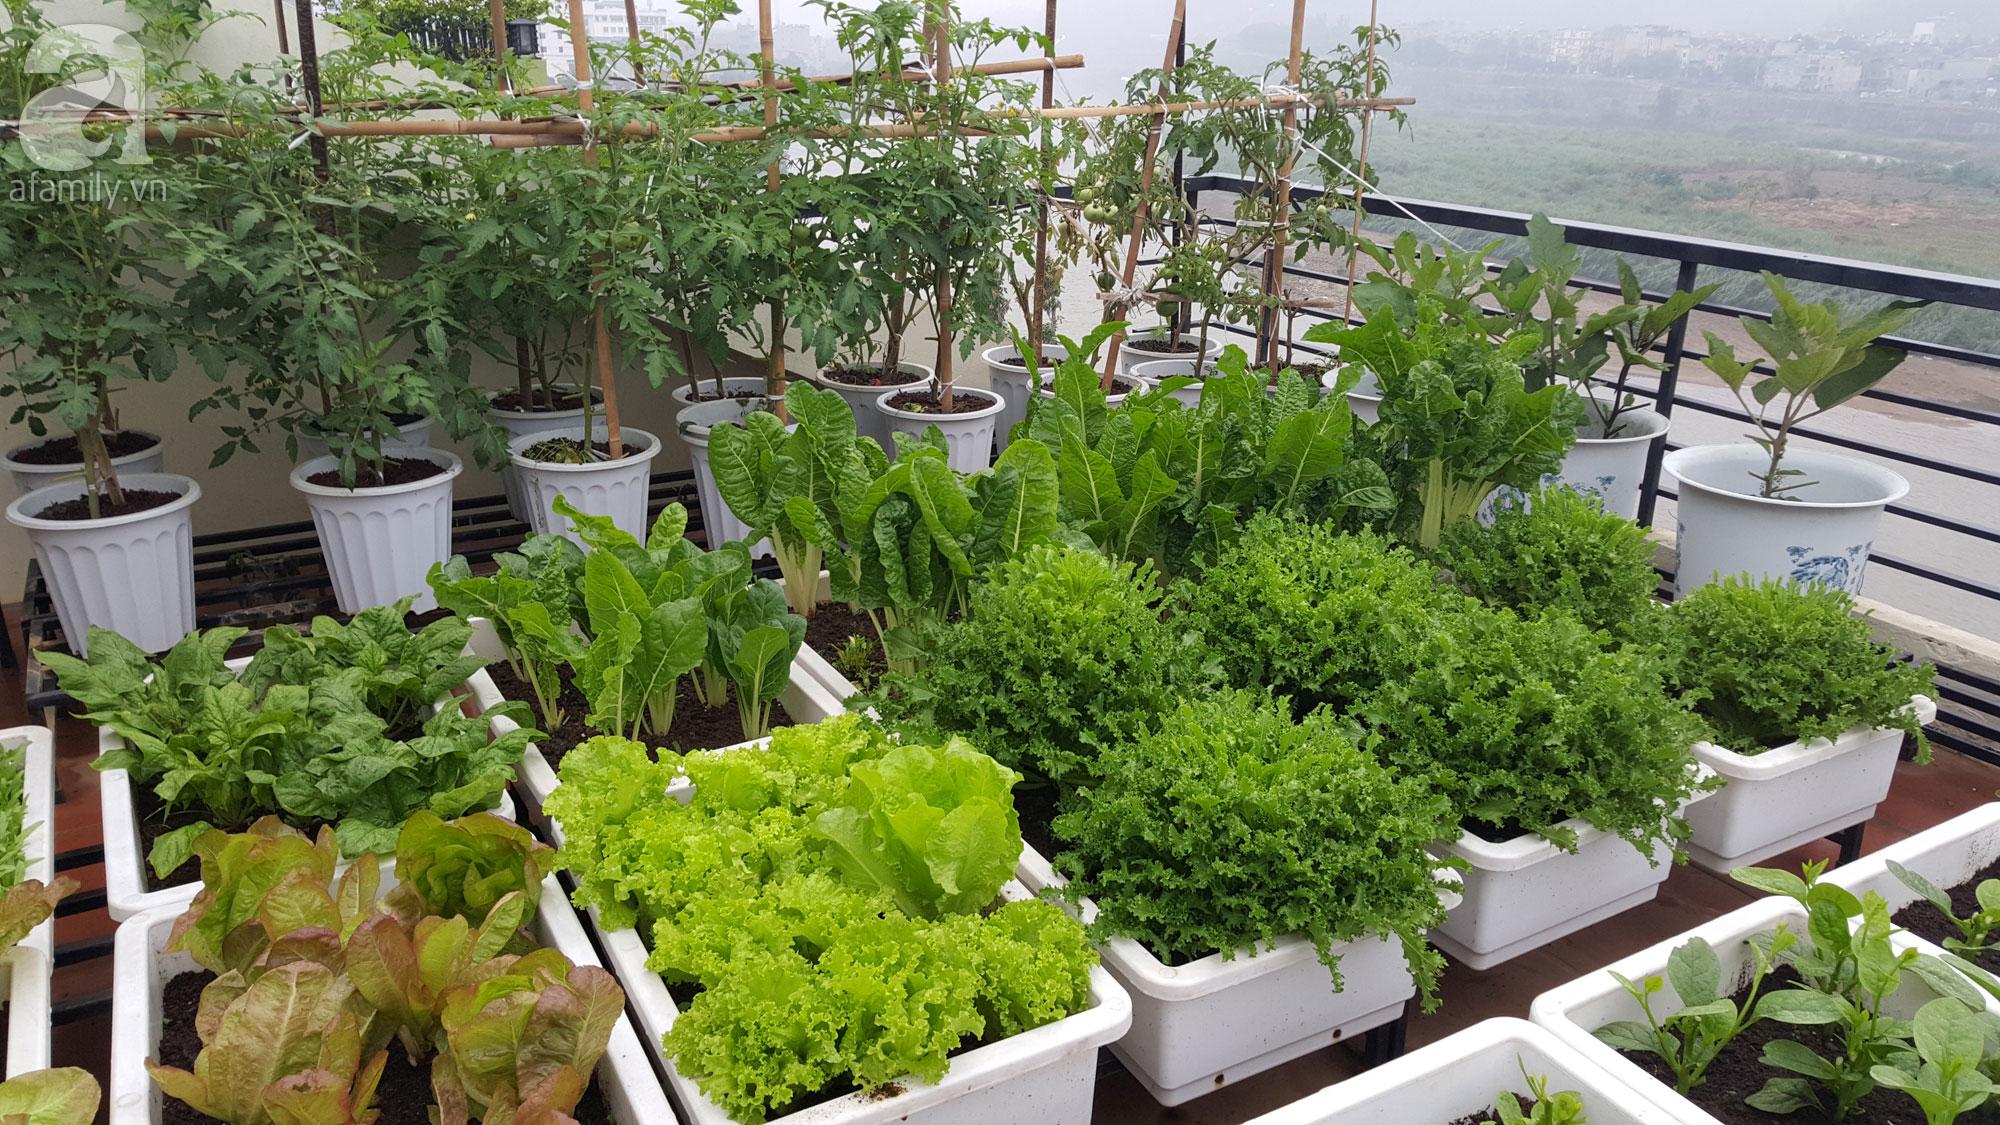 trồng rau sạch trên ban công chung cư bằng thùng xốp